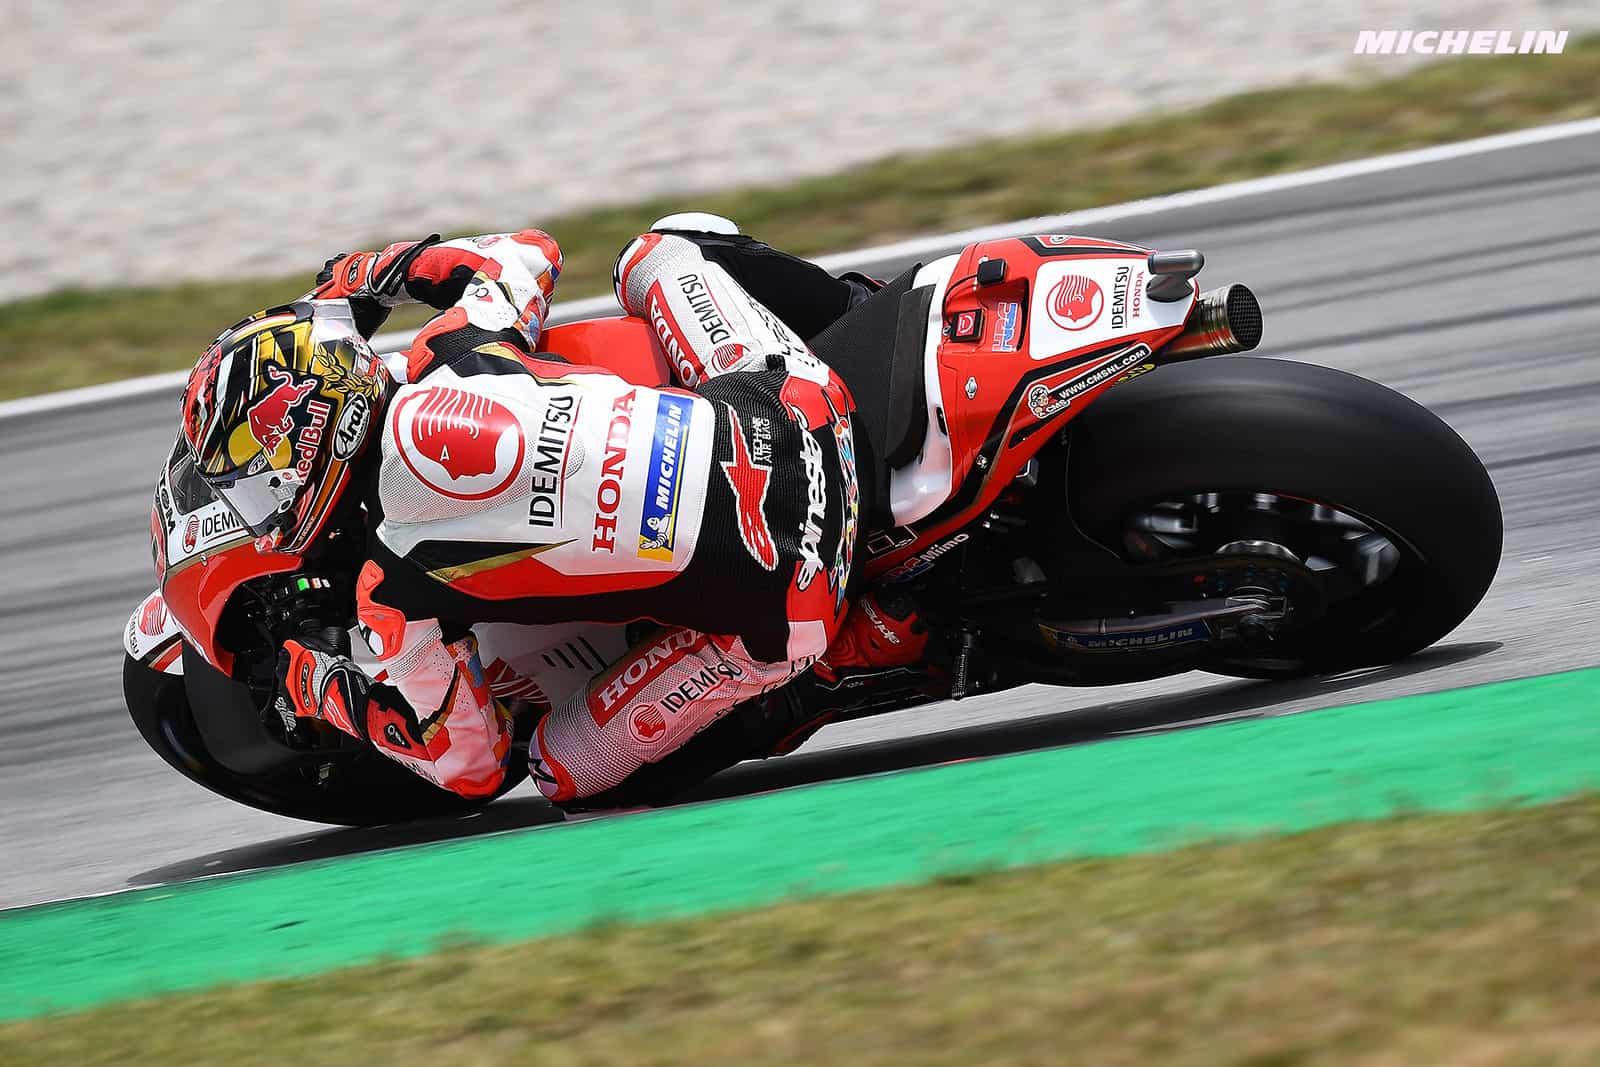 MotoGP2019カタルーニャGP 中上「3周ほどトップについていければ、トップ5のチャンスがある」